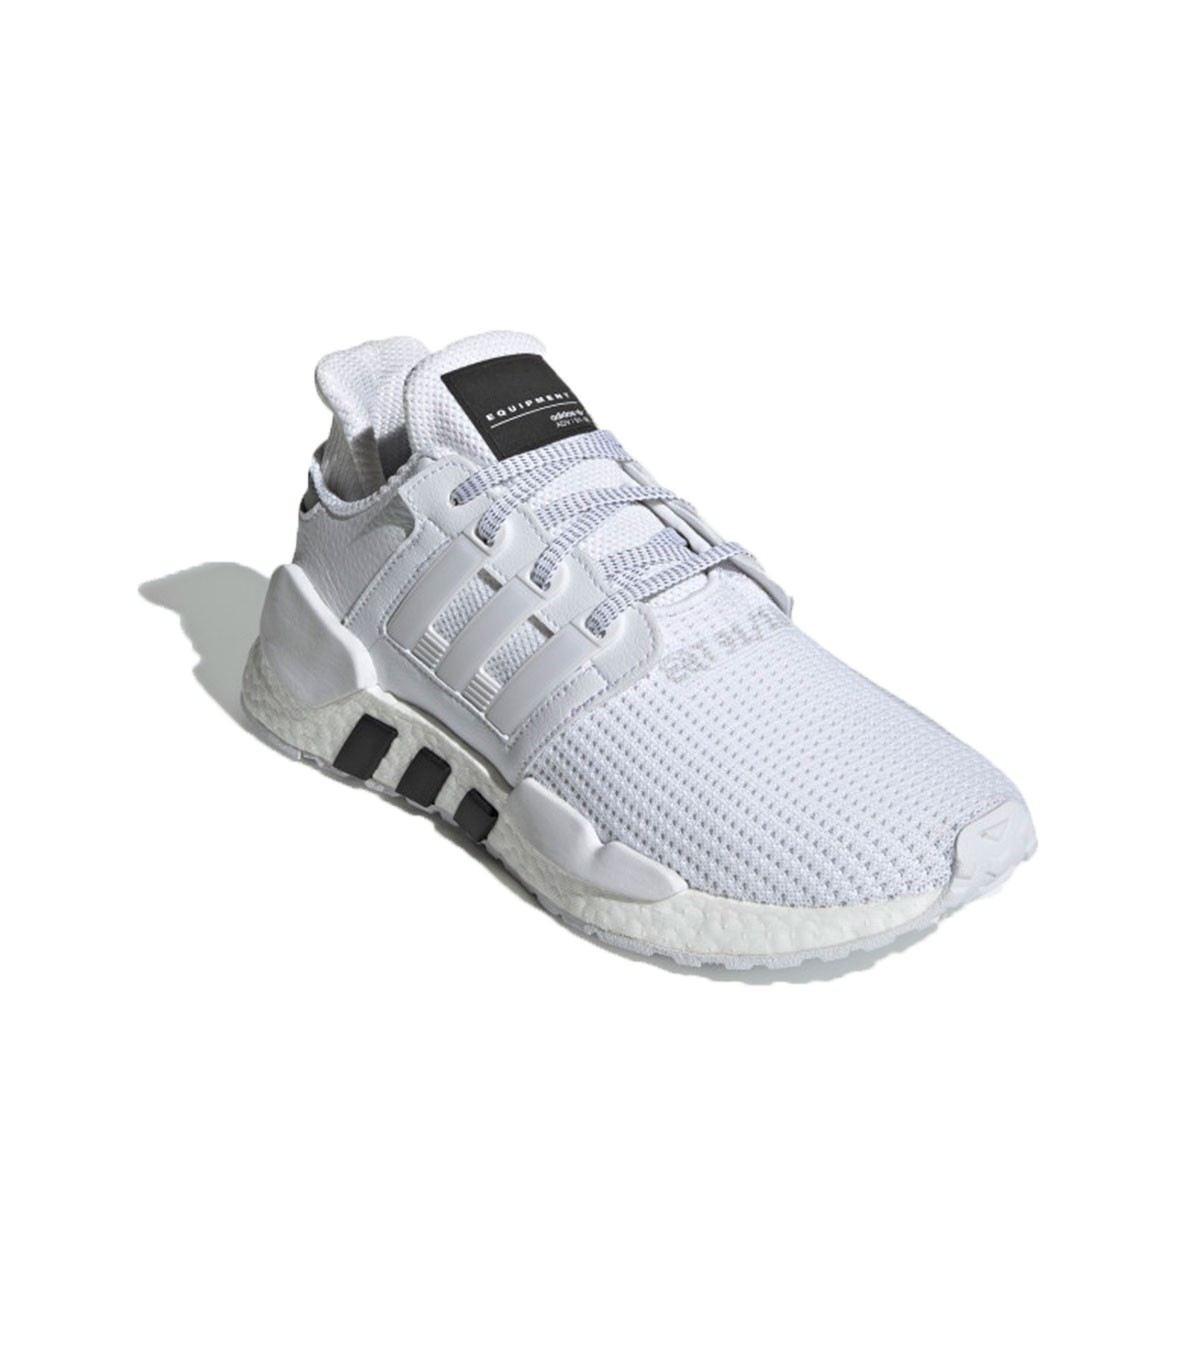 78b919252c5 Buy Zapatillas Adidas Eqt Support 91 18